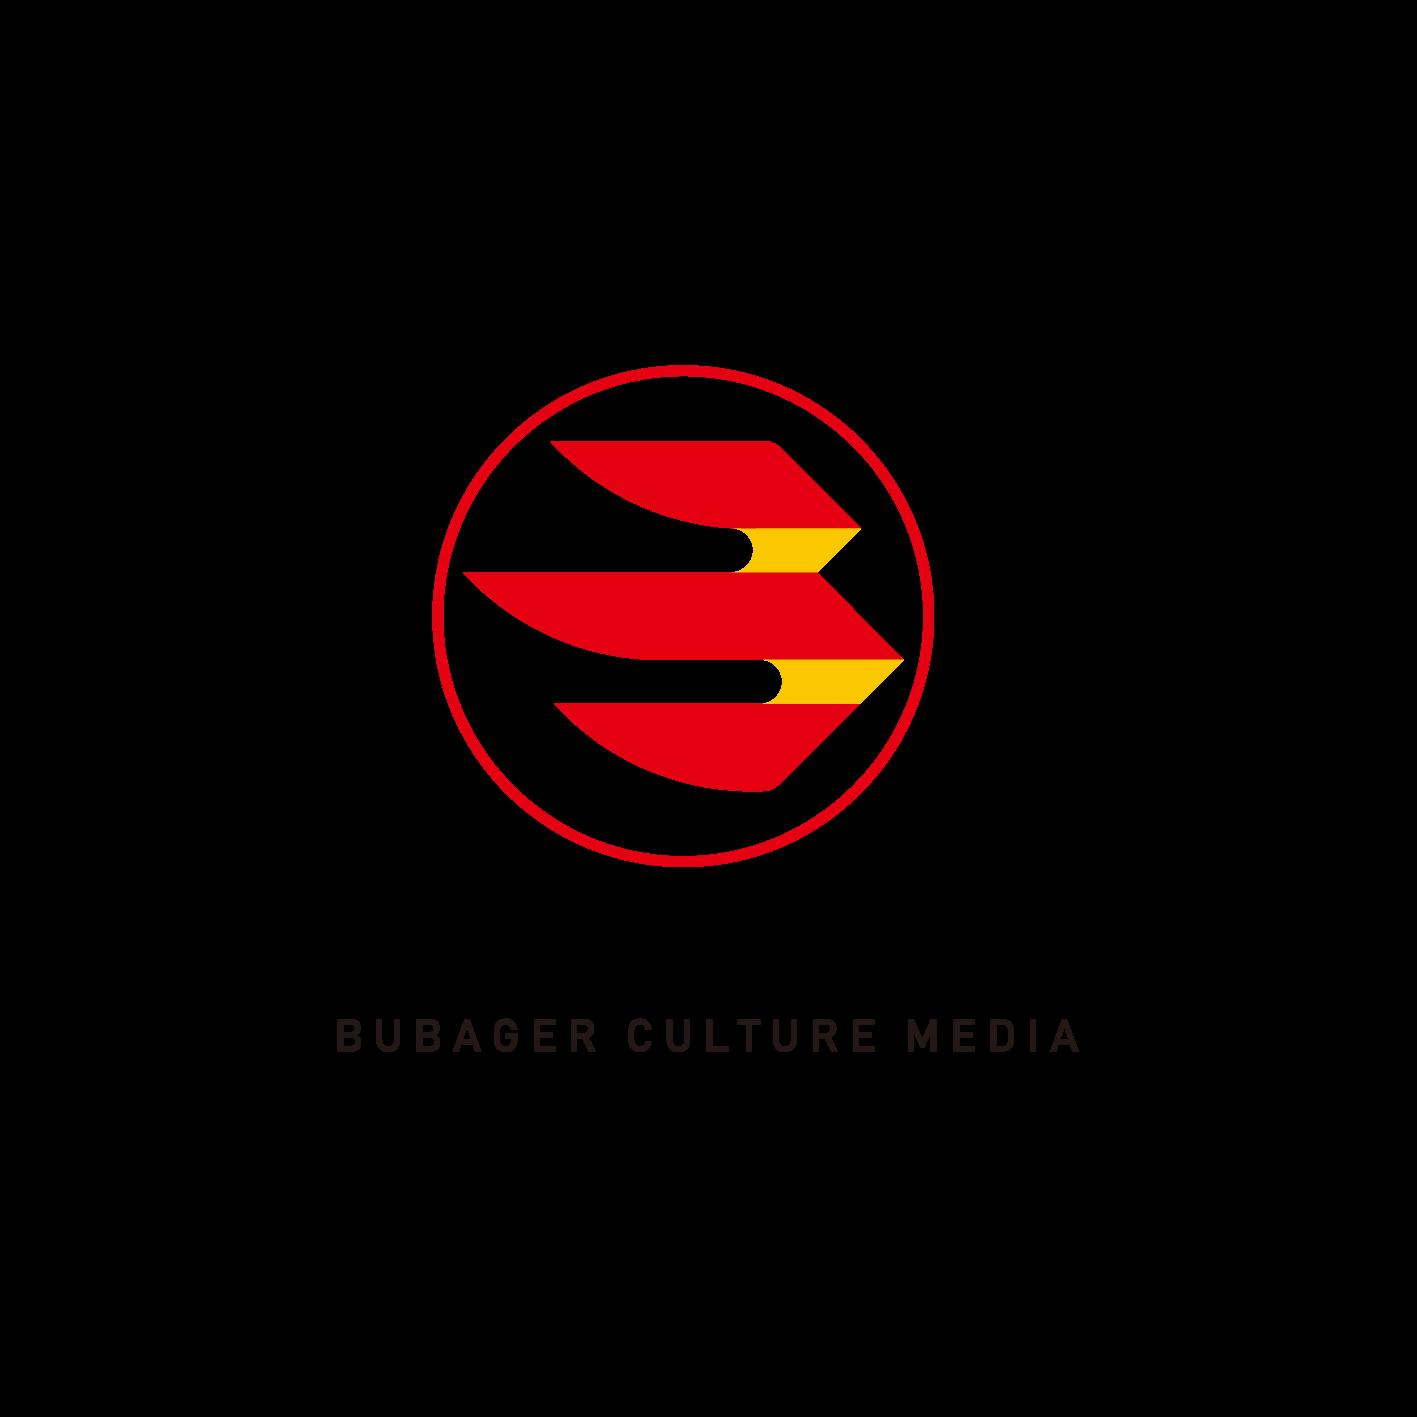 常州布袋文化传媒有限公司;